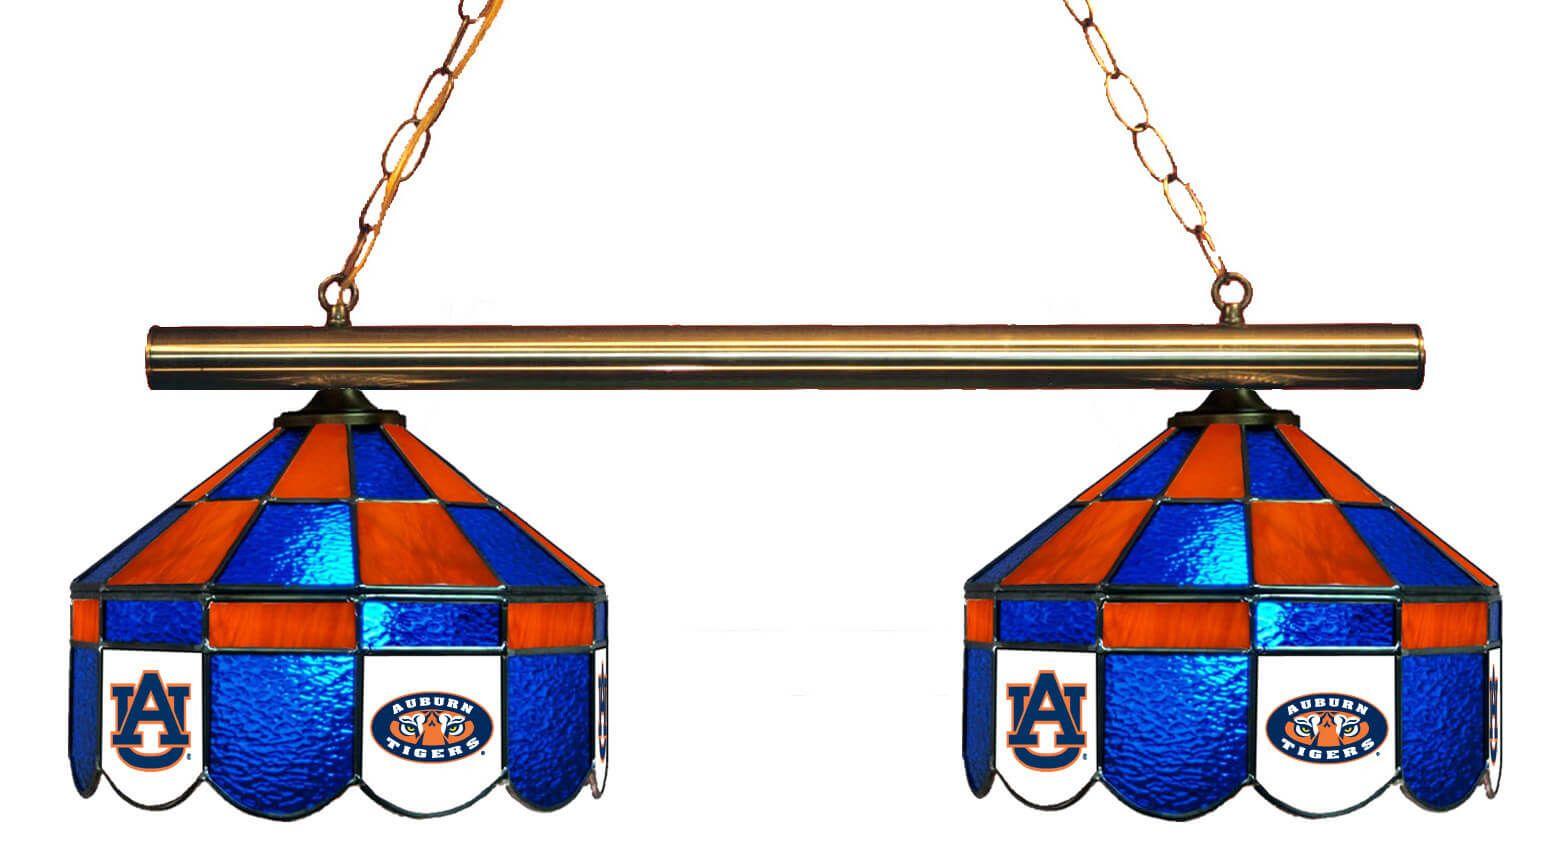 Pin on NCAA Team Auburn University